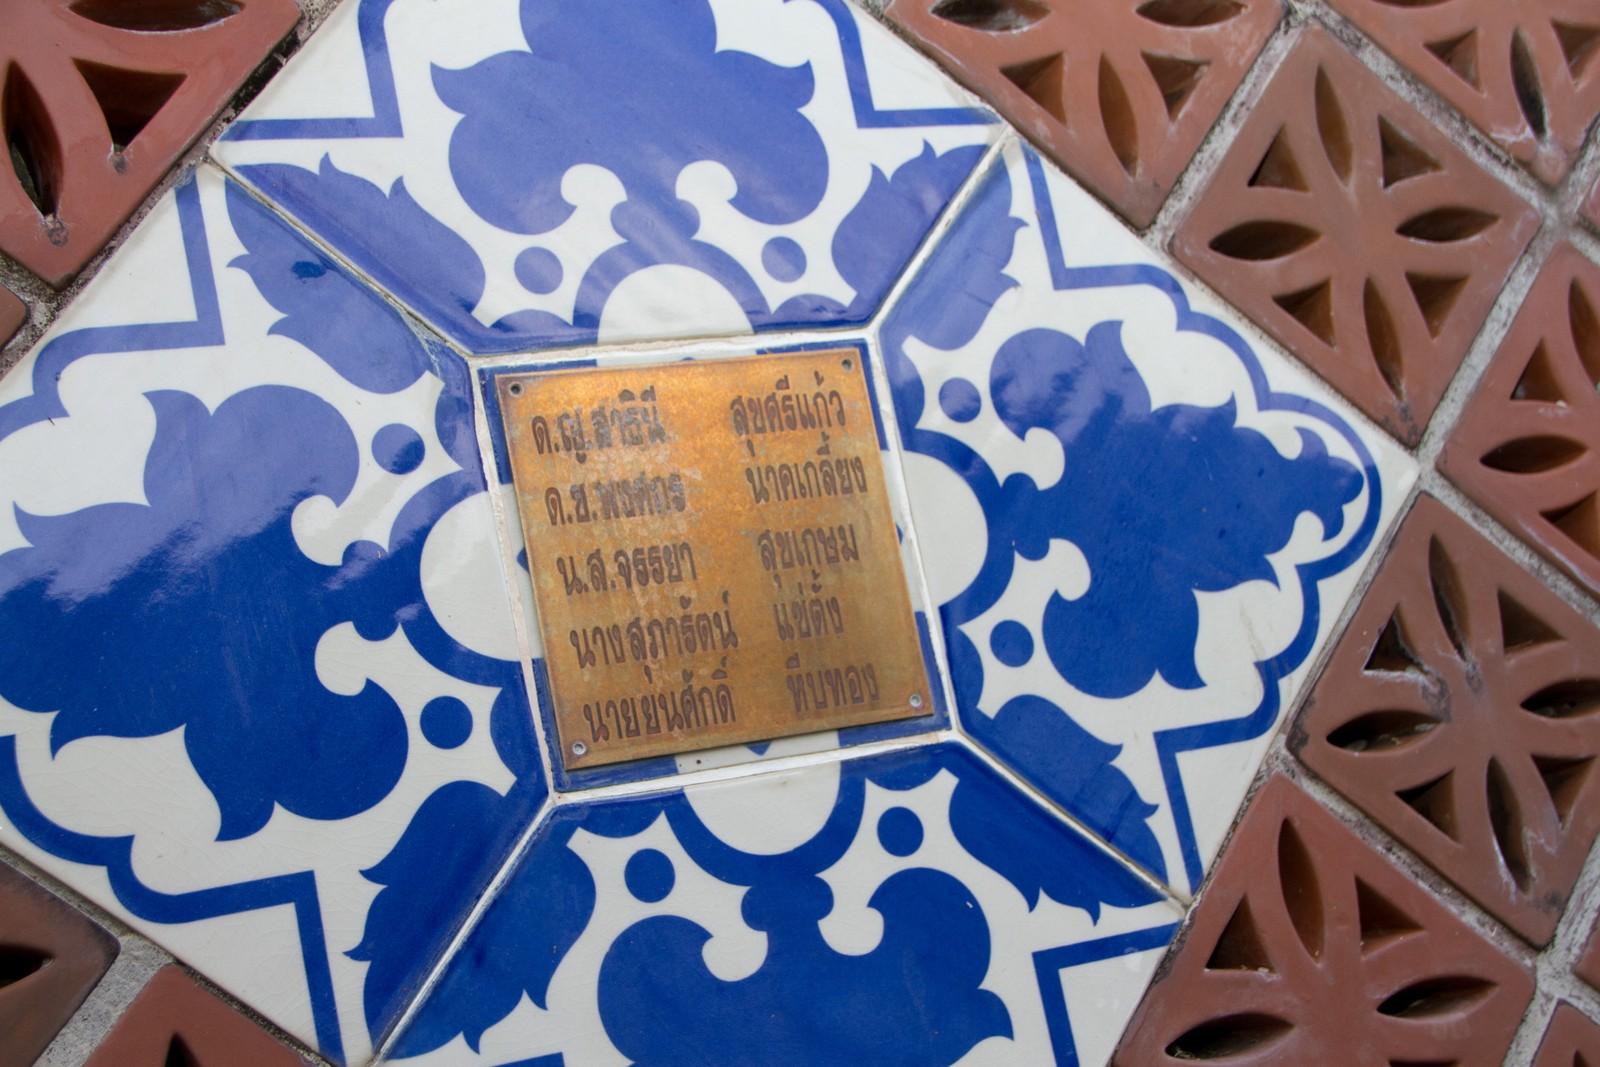 Sønnens navn er skrevet på en av flere minneplaketter i Memorialpark i Nam Khem i Thailand